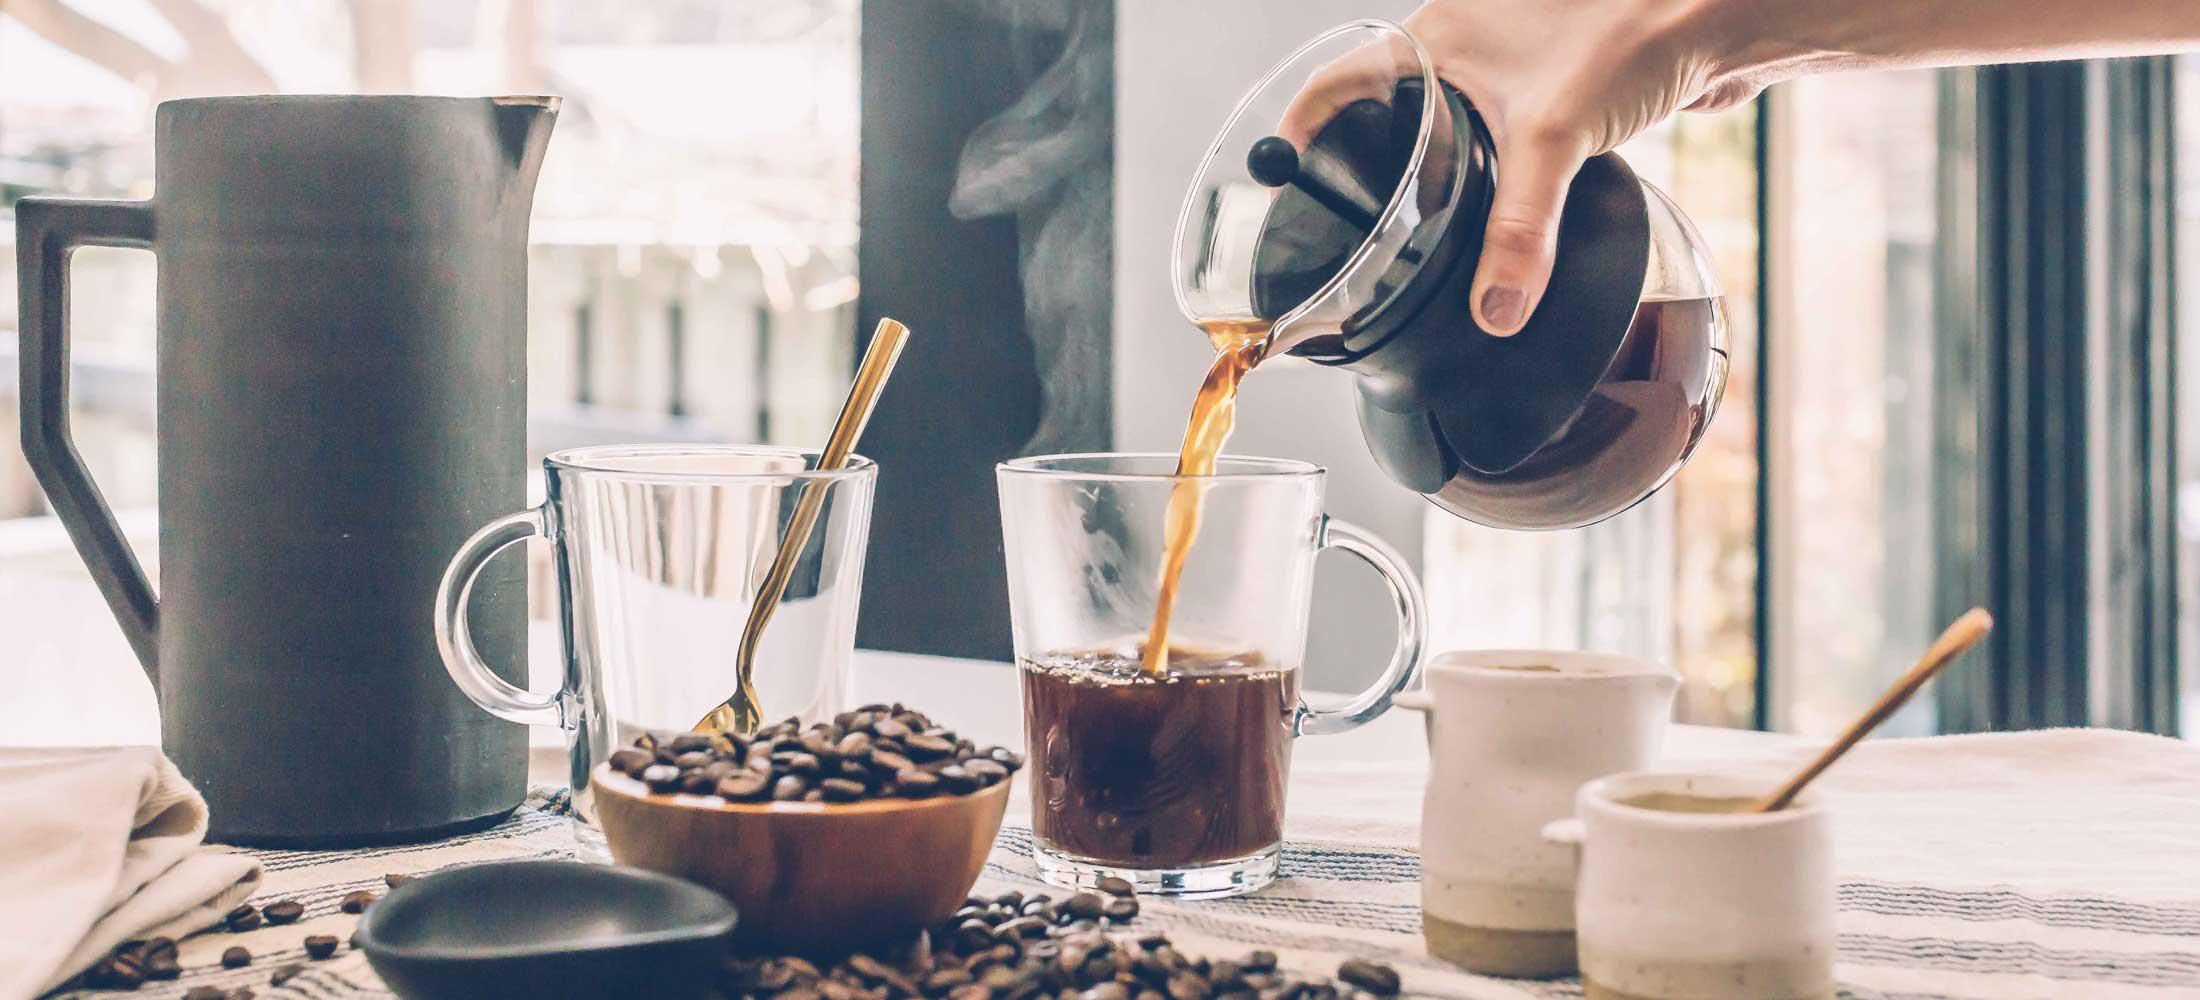 國際咖啡調配師課程